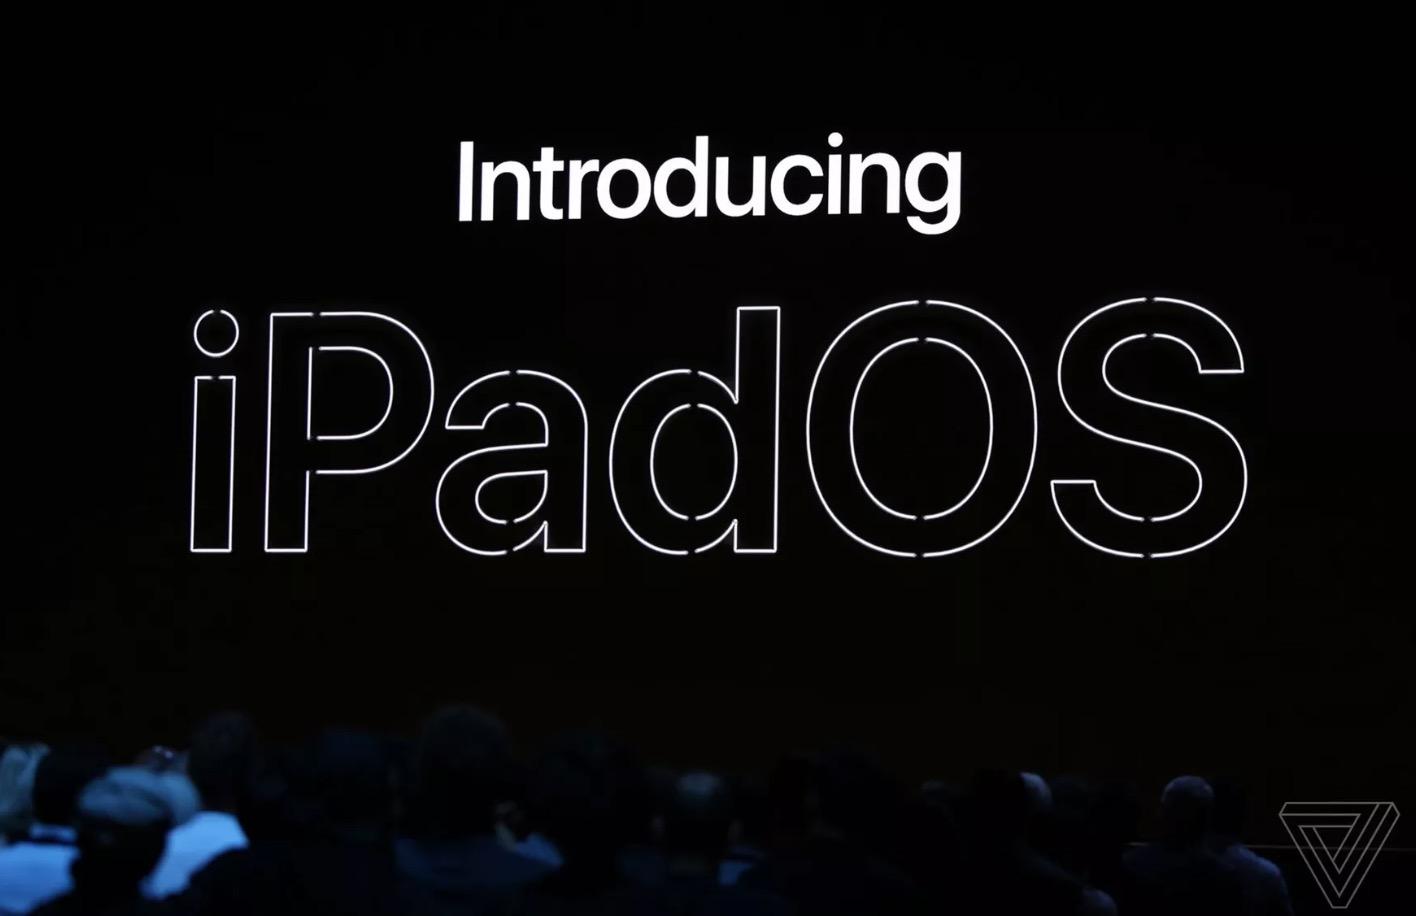 [WWDC19] Apple chính thức ra mắt nền tản mới dành cho iPad với tên gọi iPadOS